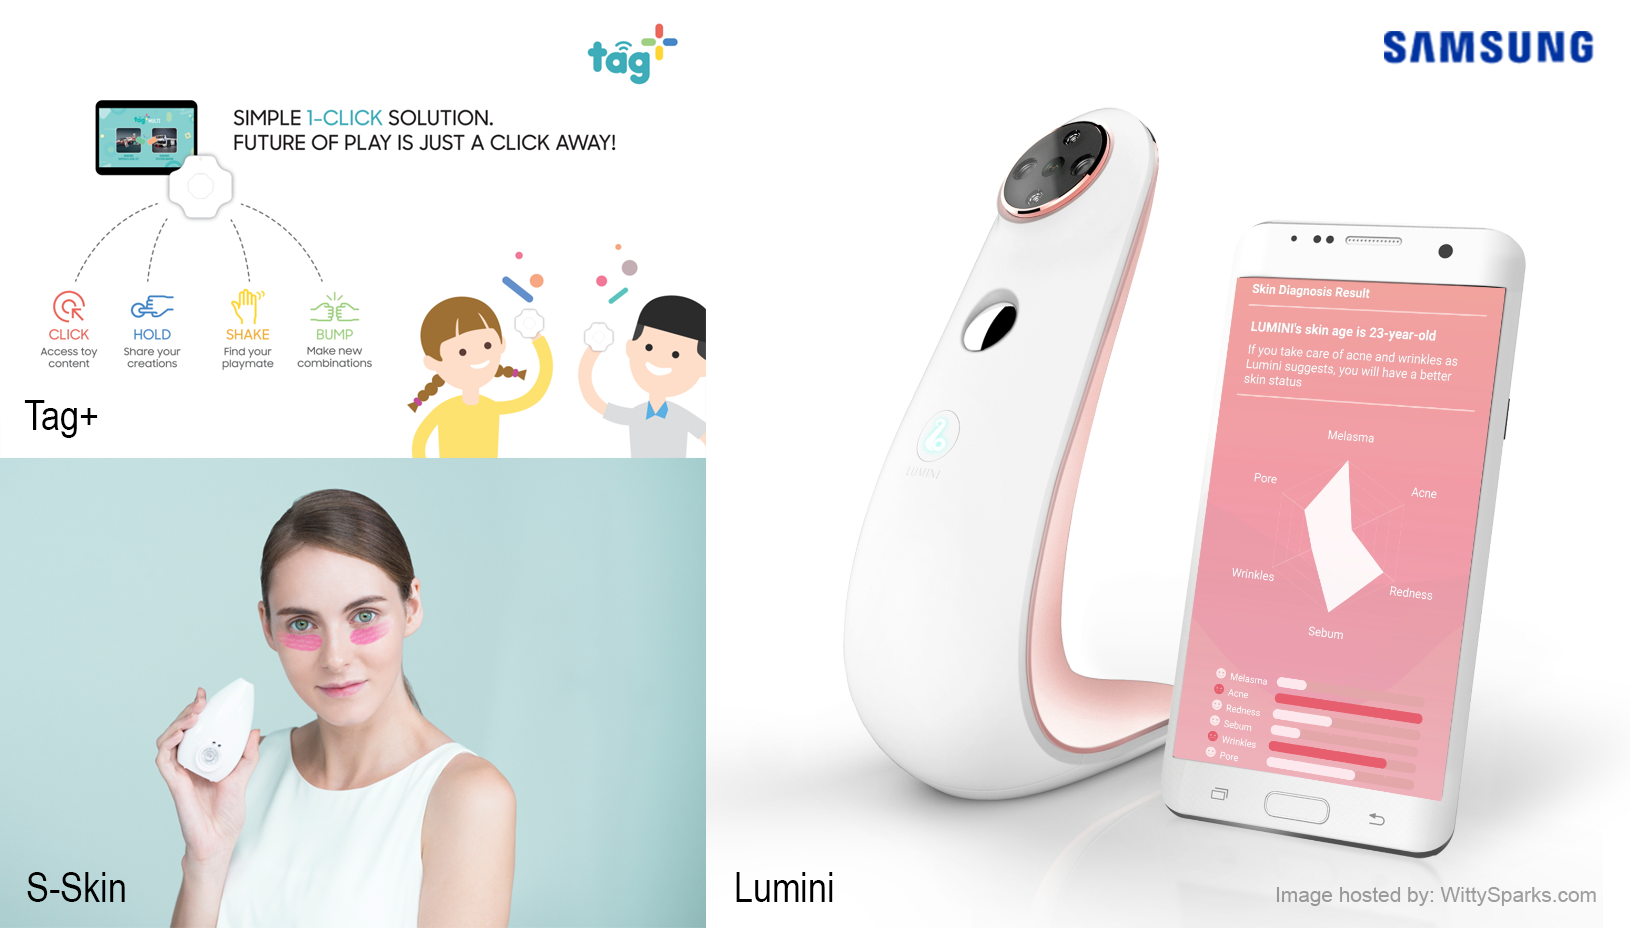 CES 2017 - Samsung C-Lab - Lumini, S-Skin, Tag+